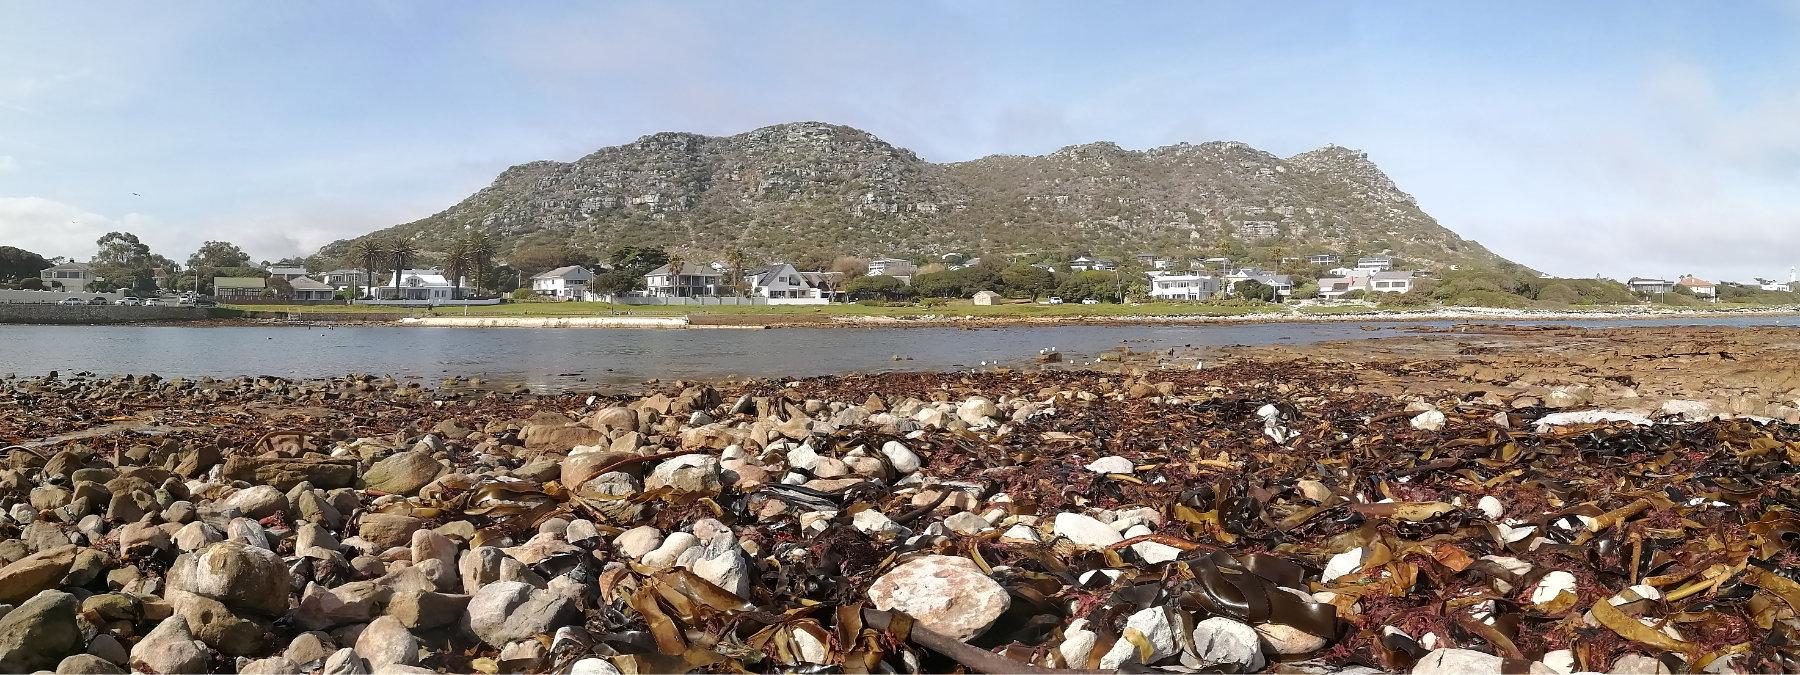 Kommetjie - Cape Town by Gareth Robbins